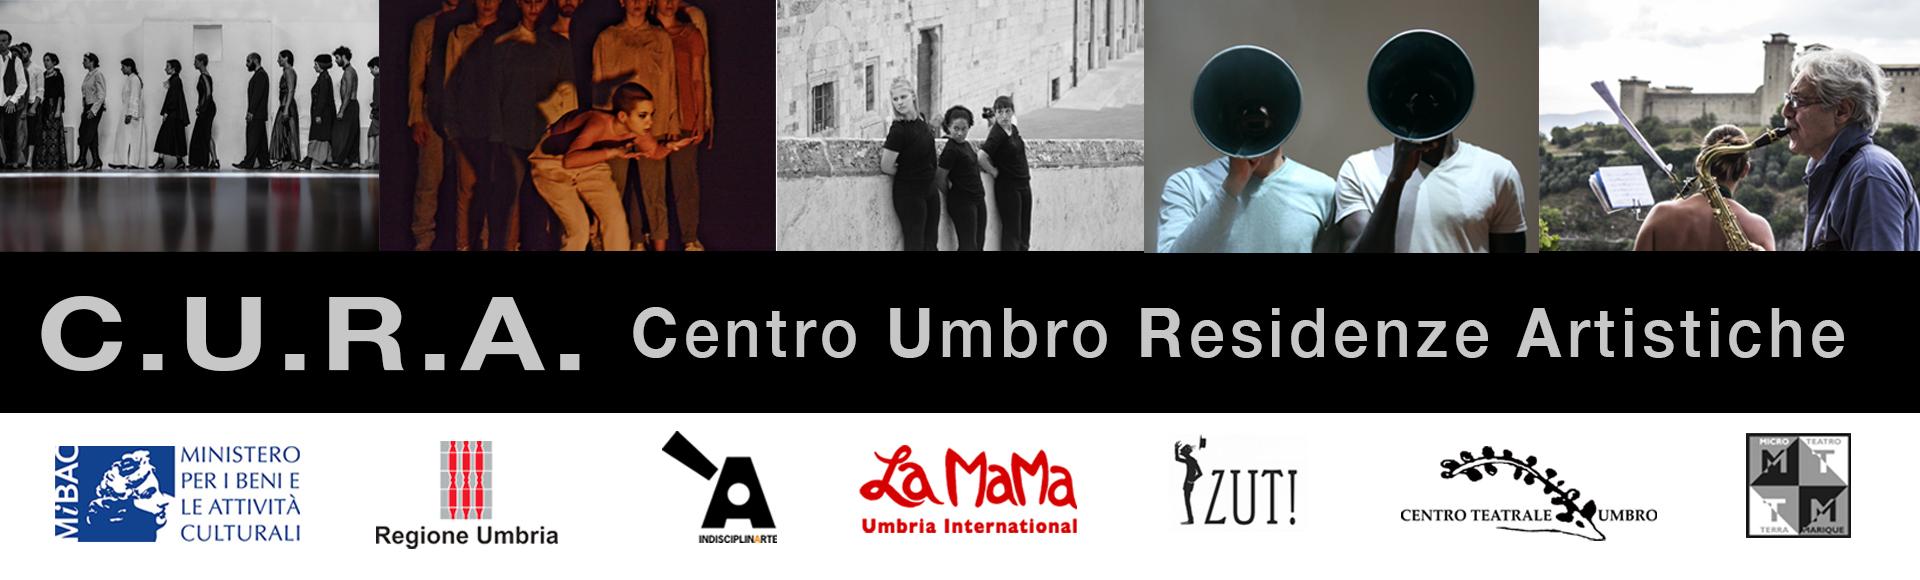 C.U.R.A. Centro Umbro Residenze Artistiche